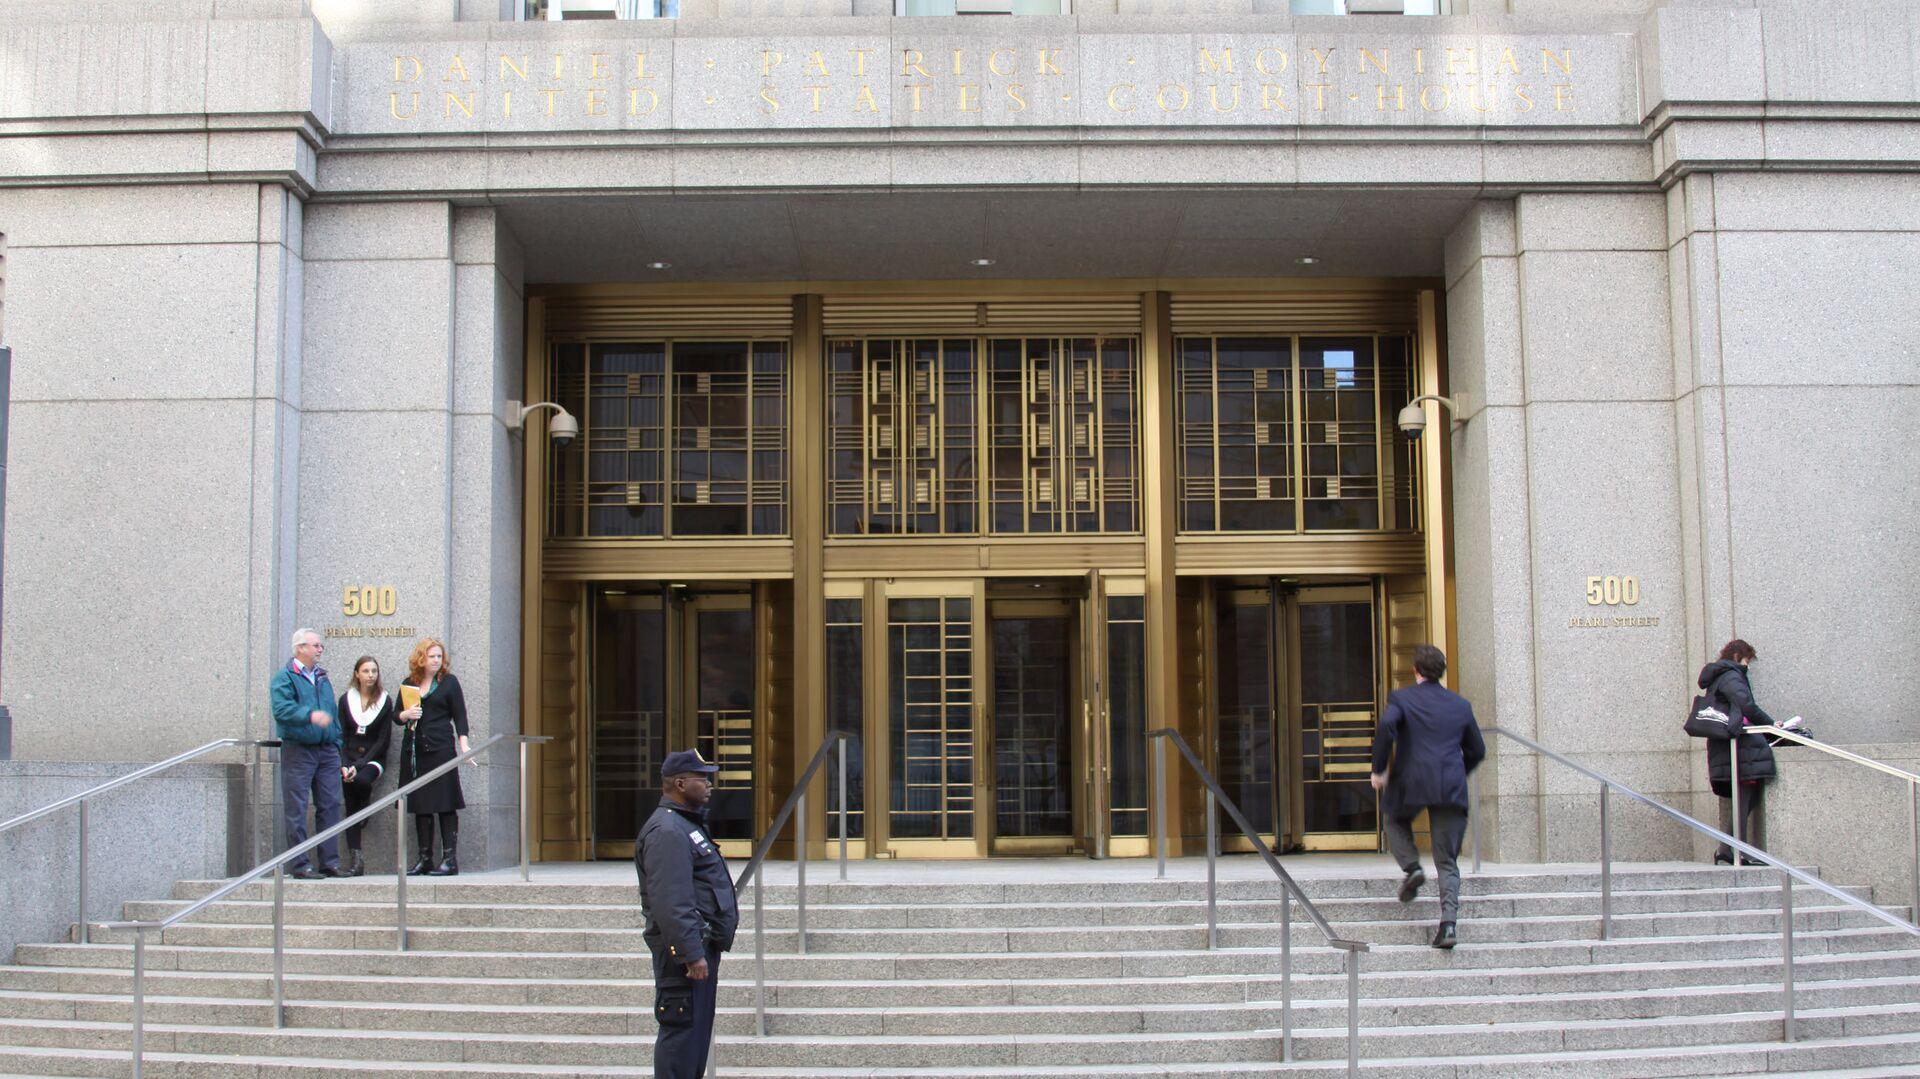 Вход в здание федерального суда Южного округа Нью-Йорка - РИА Новости, 1920, 15.06.2021